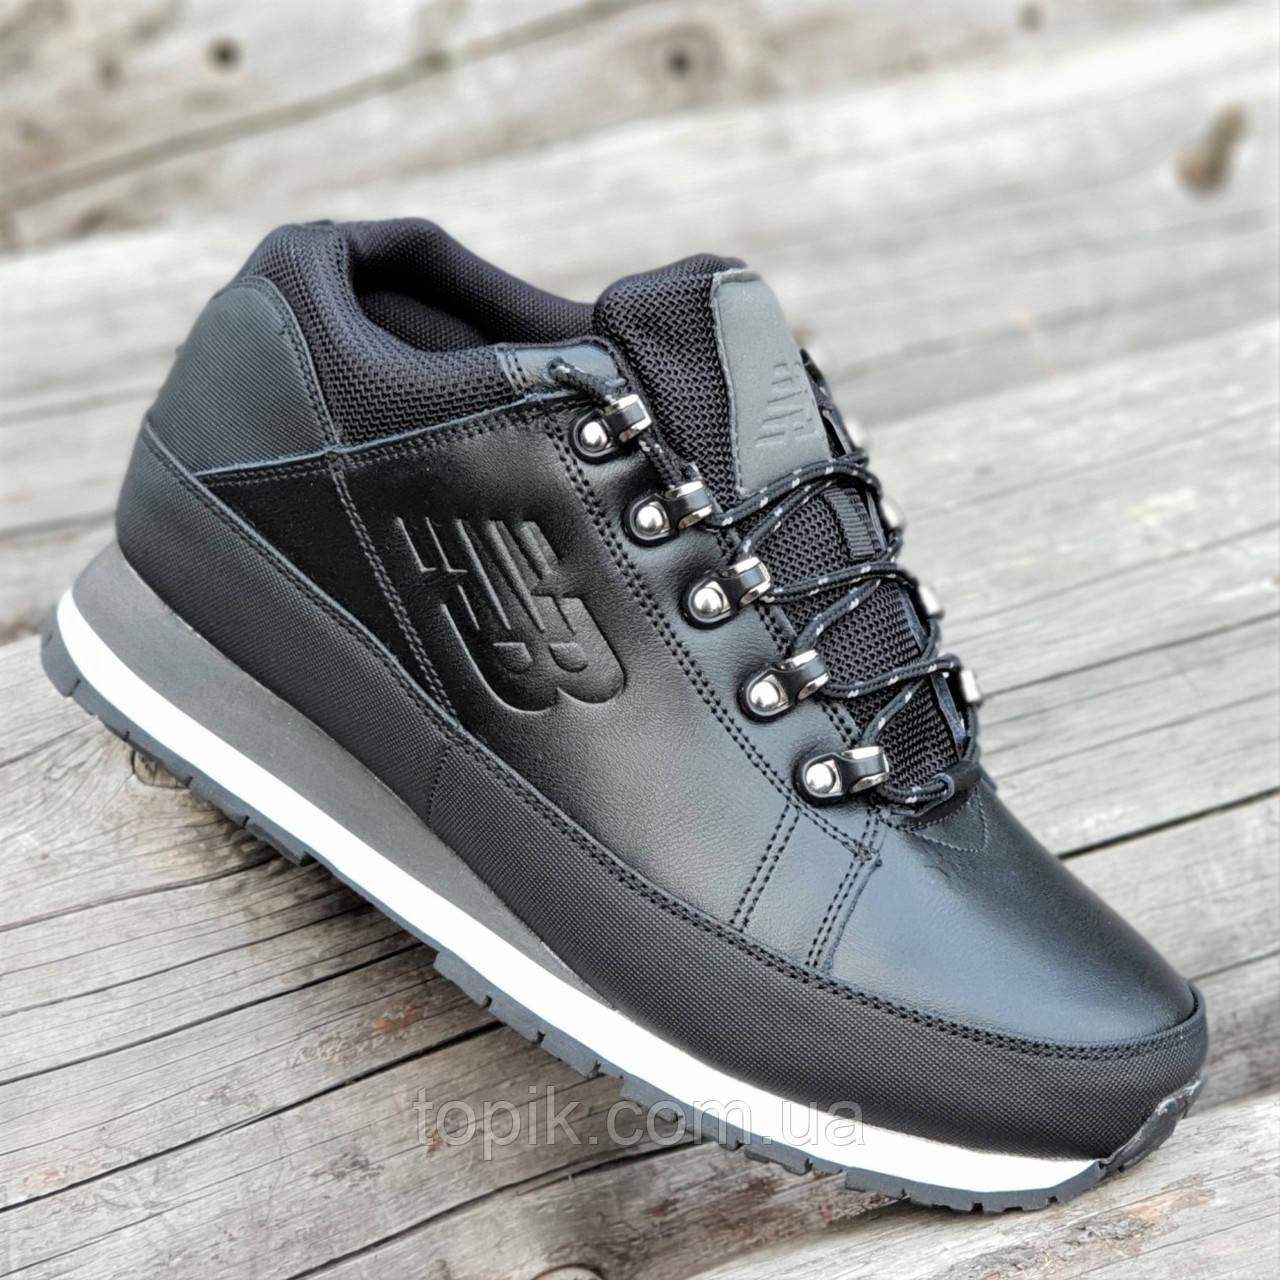 Кроссовки ботинки зимние кожаные New Balance 754 реплика мужские черные  легкие подошва пенка (Код  1294) fd180a56584